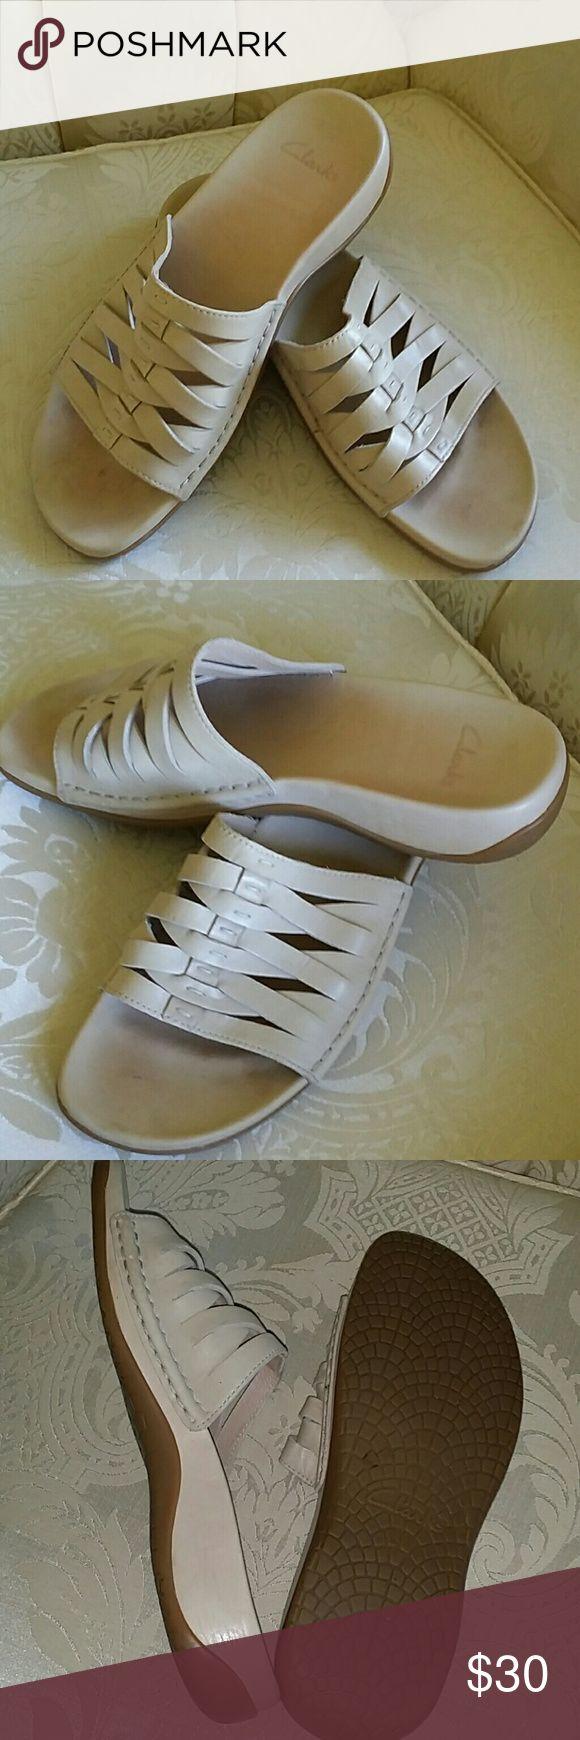 Clarks Leather Sandals Clarks Leather Sandals Clarks Shoes Sandals